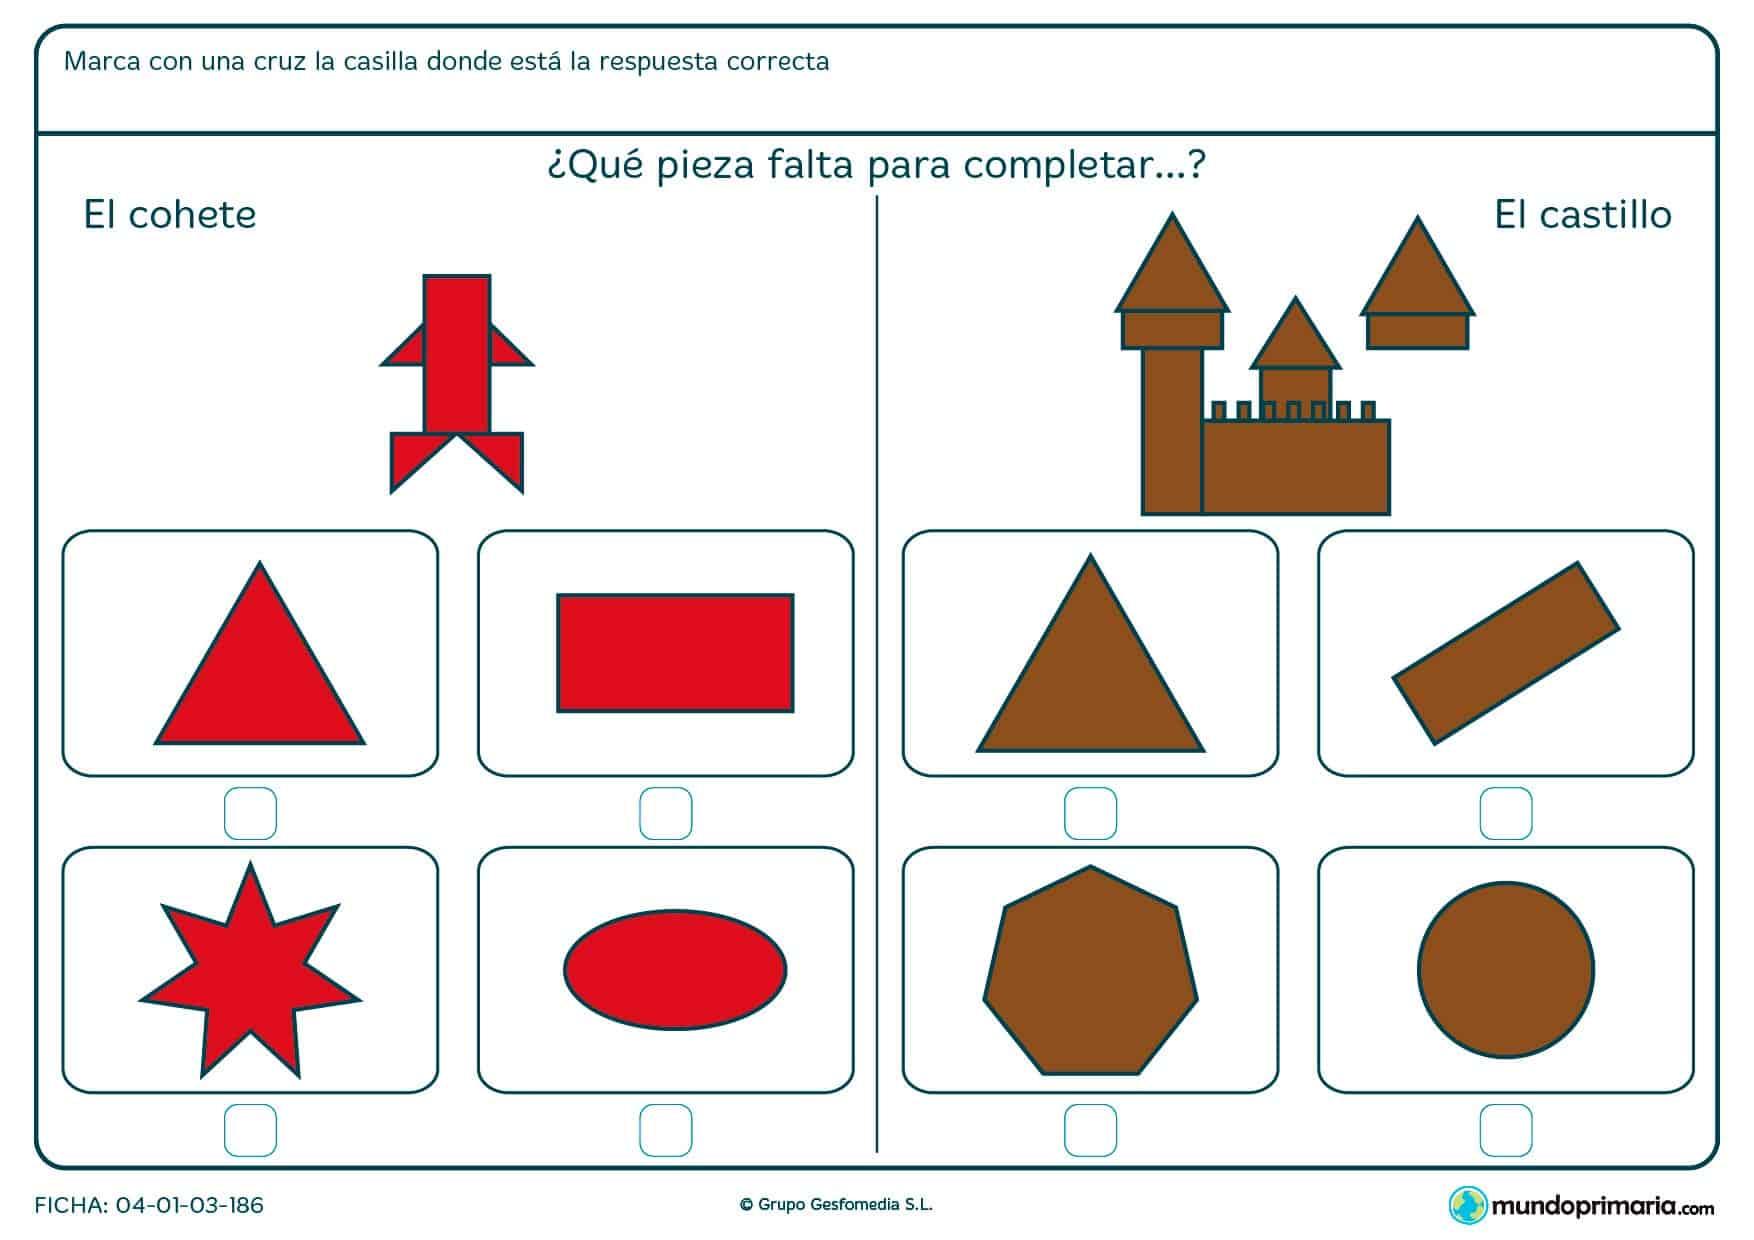 Ficha de completar el dibujo con un polígono en la que tendrás que marcar la forma poligonal que falta en la figura.